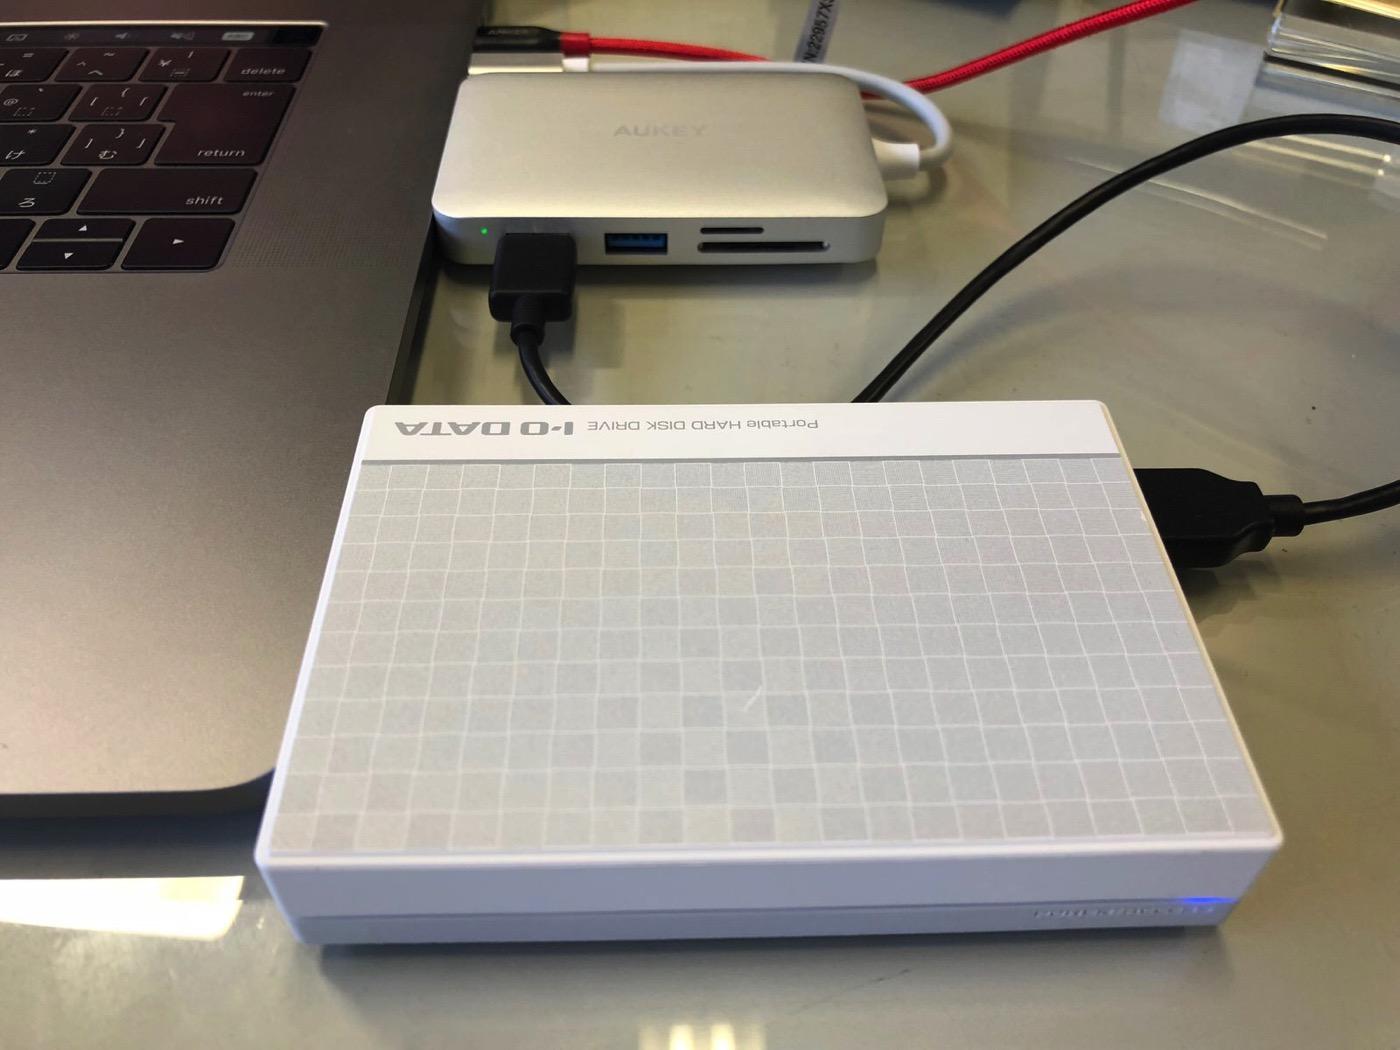 AUKEY USB C ハブ 7 in 1 マルチハブ-14